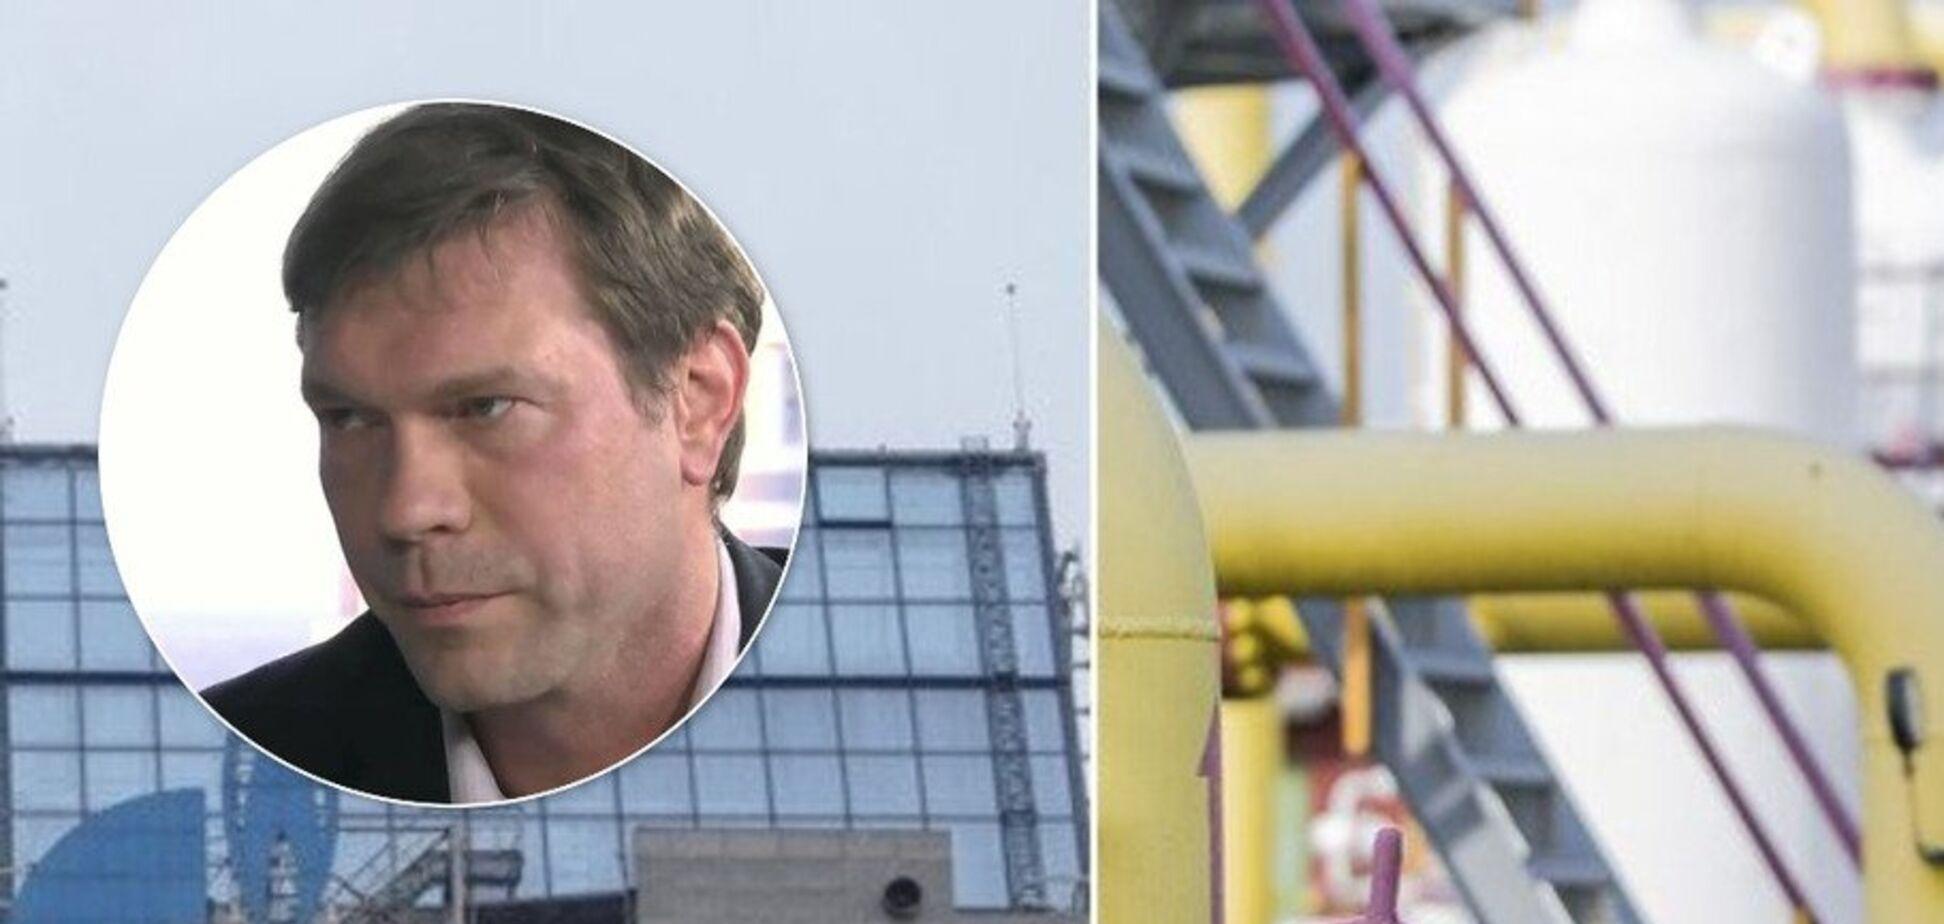 'Украина руководит всем миром': Царев поделился 'откровениями' о переговорах с Россией по газу